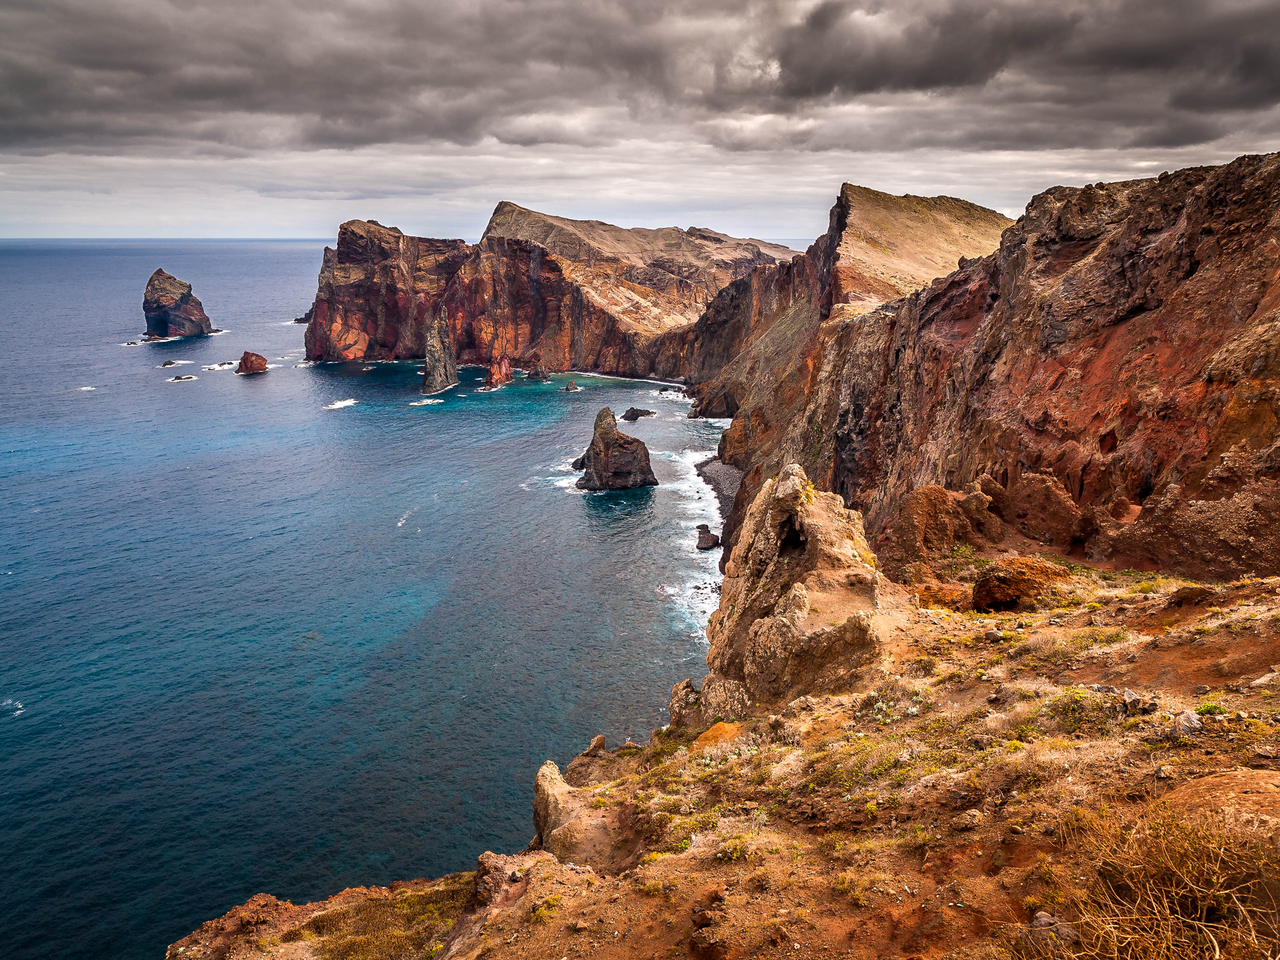 15148 скачать обои Пейзаж, Горы, Море - заставки и картинки бесплатно